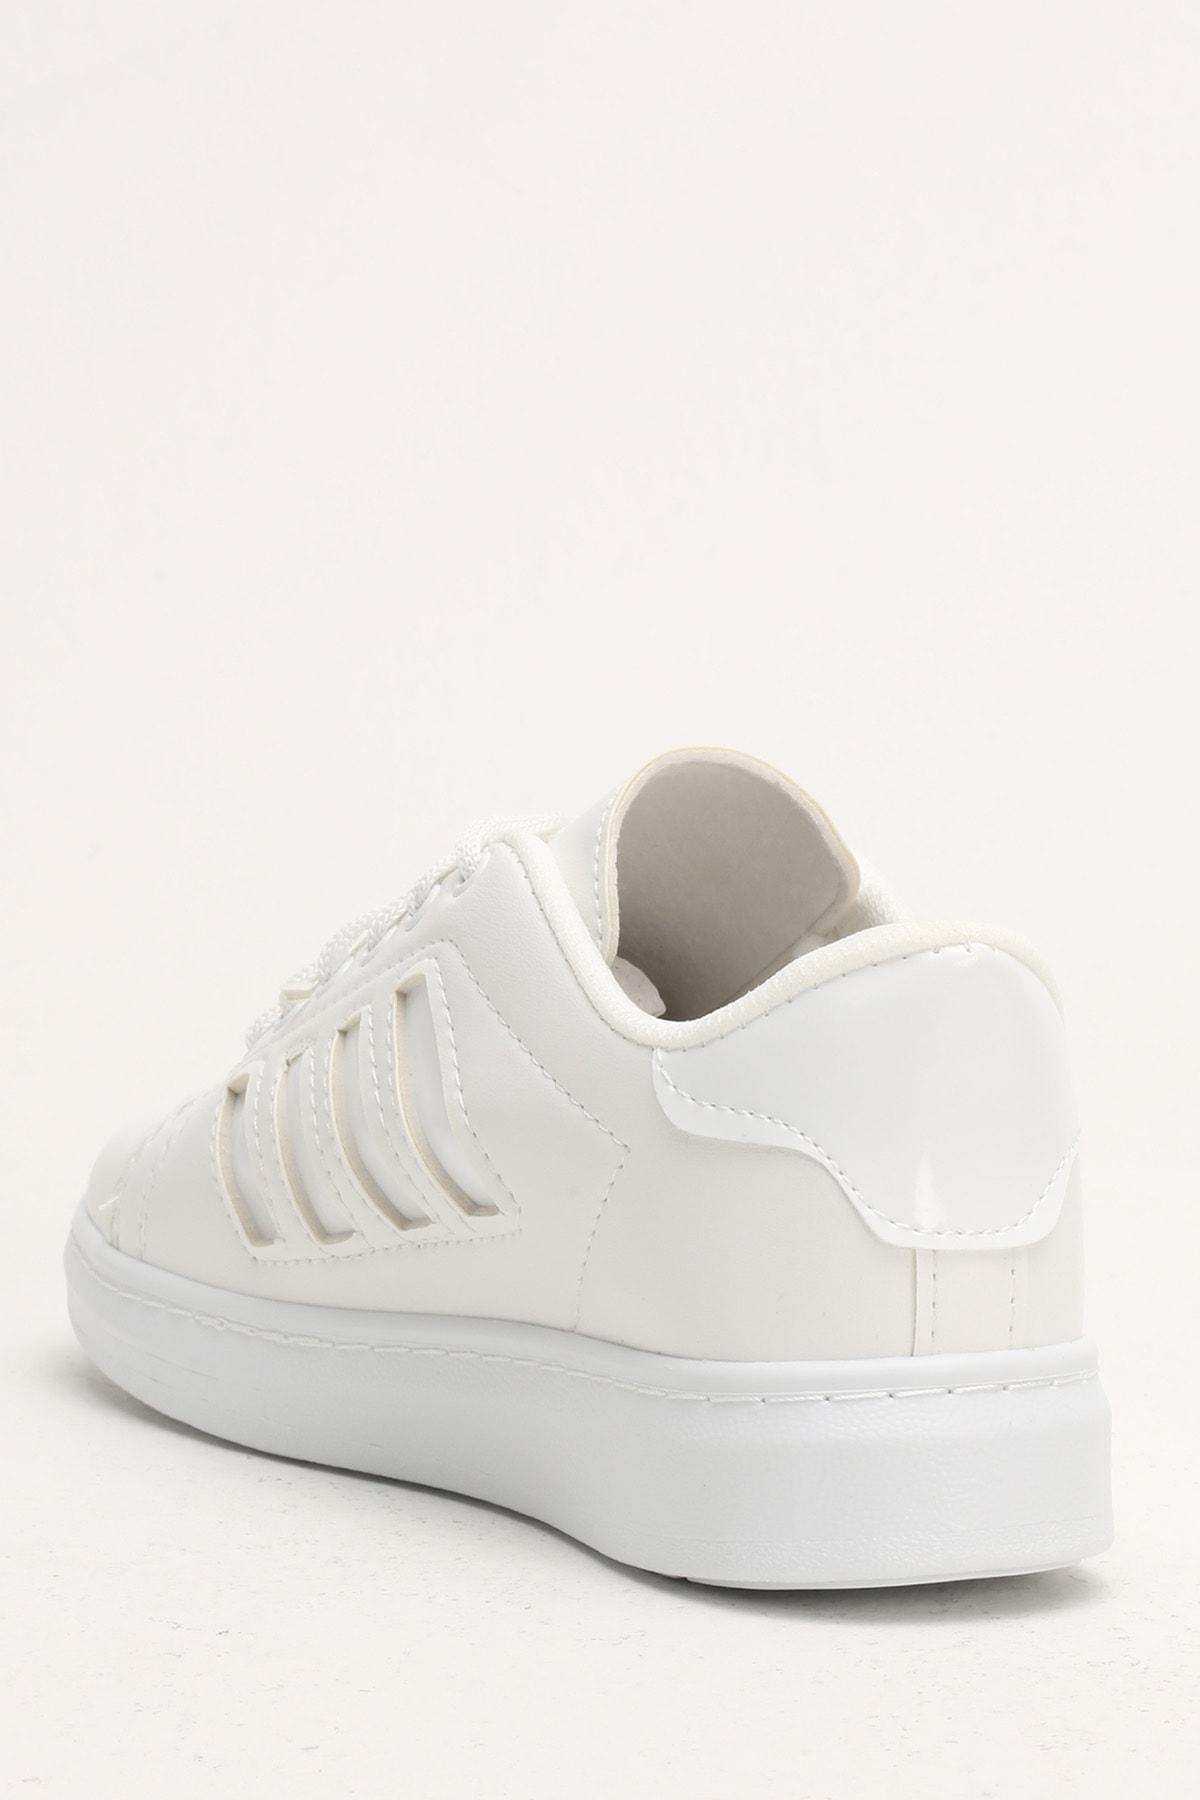 Ayakkabı Modası Beyaz Kadın Spor Ayakkabı M4000-19-101002R 2